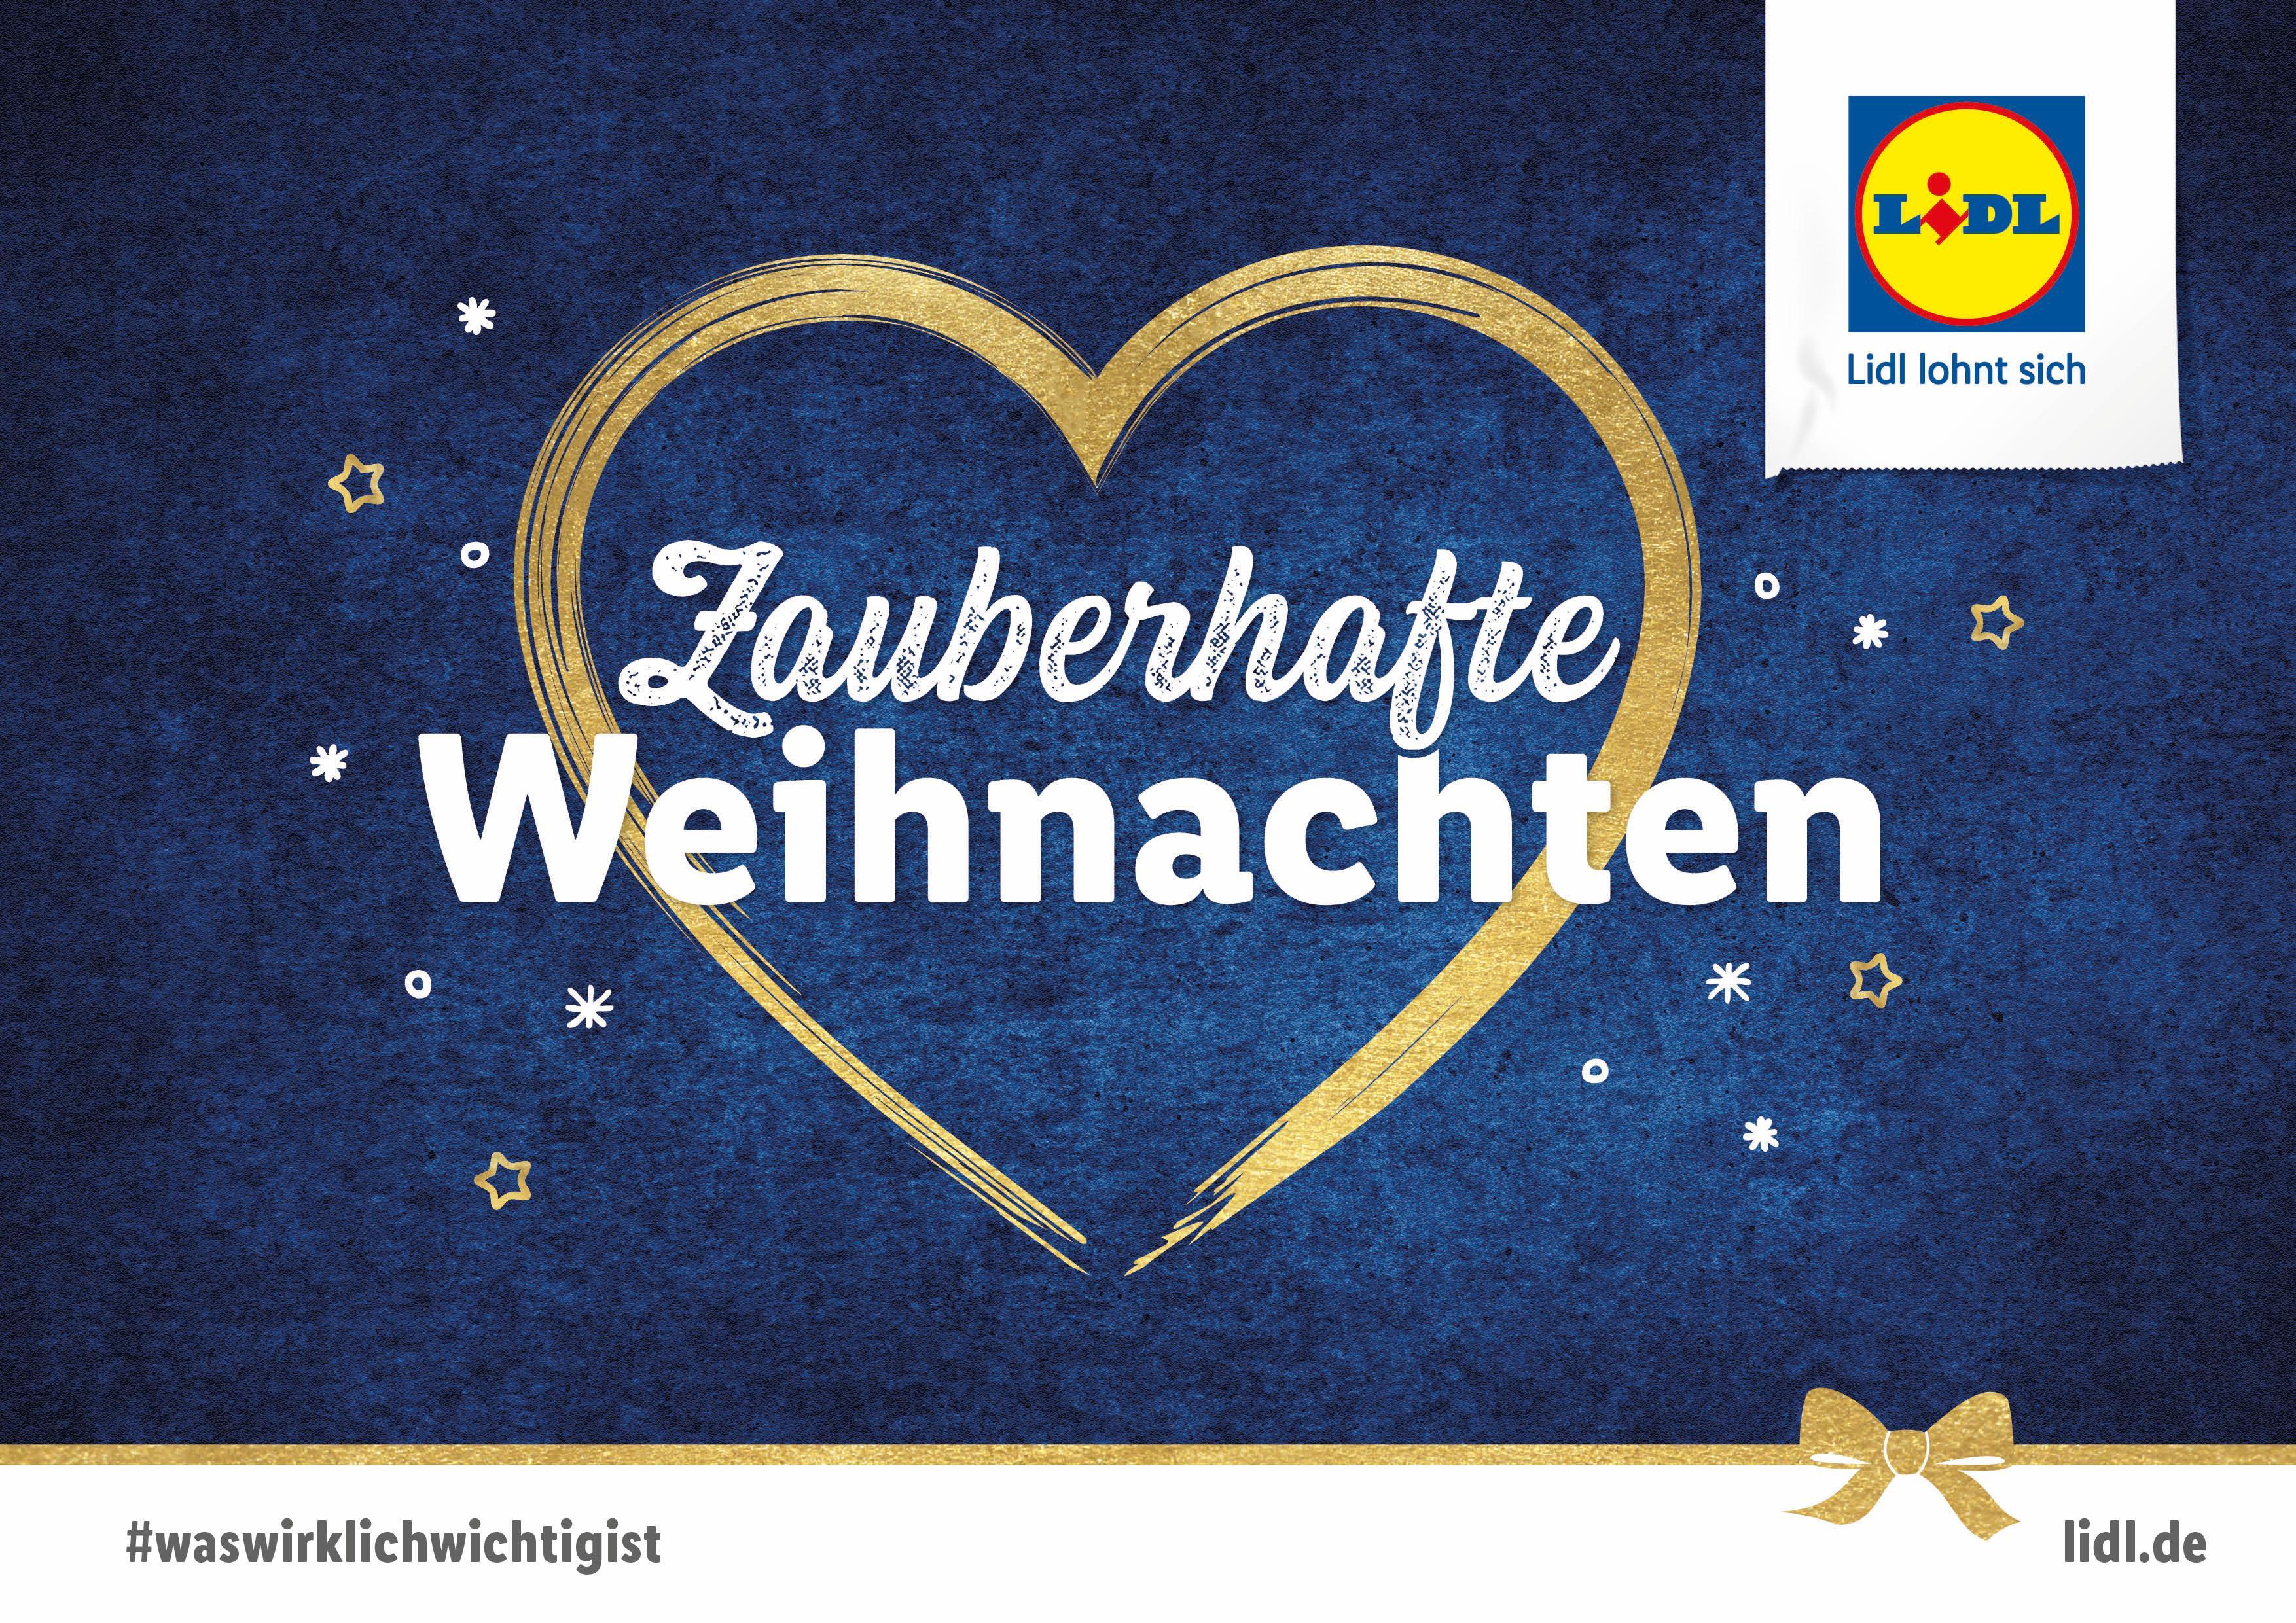 ▷ Die Lidl-Weihnachtskampagne 2018: #waswirklichwichtigist ...